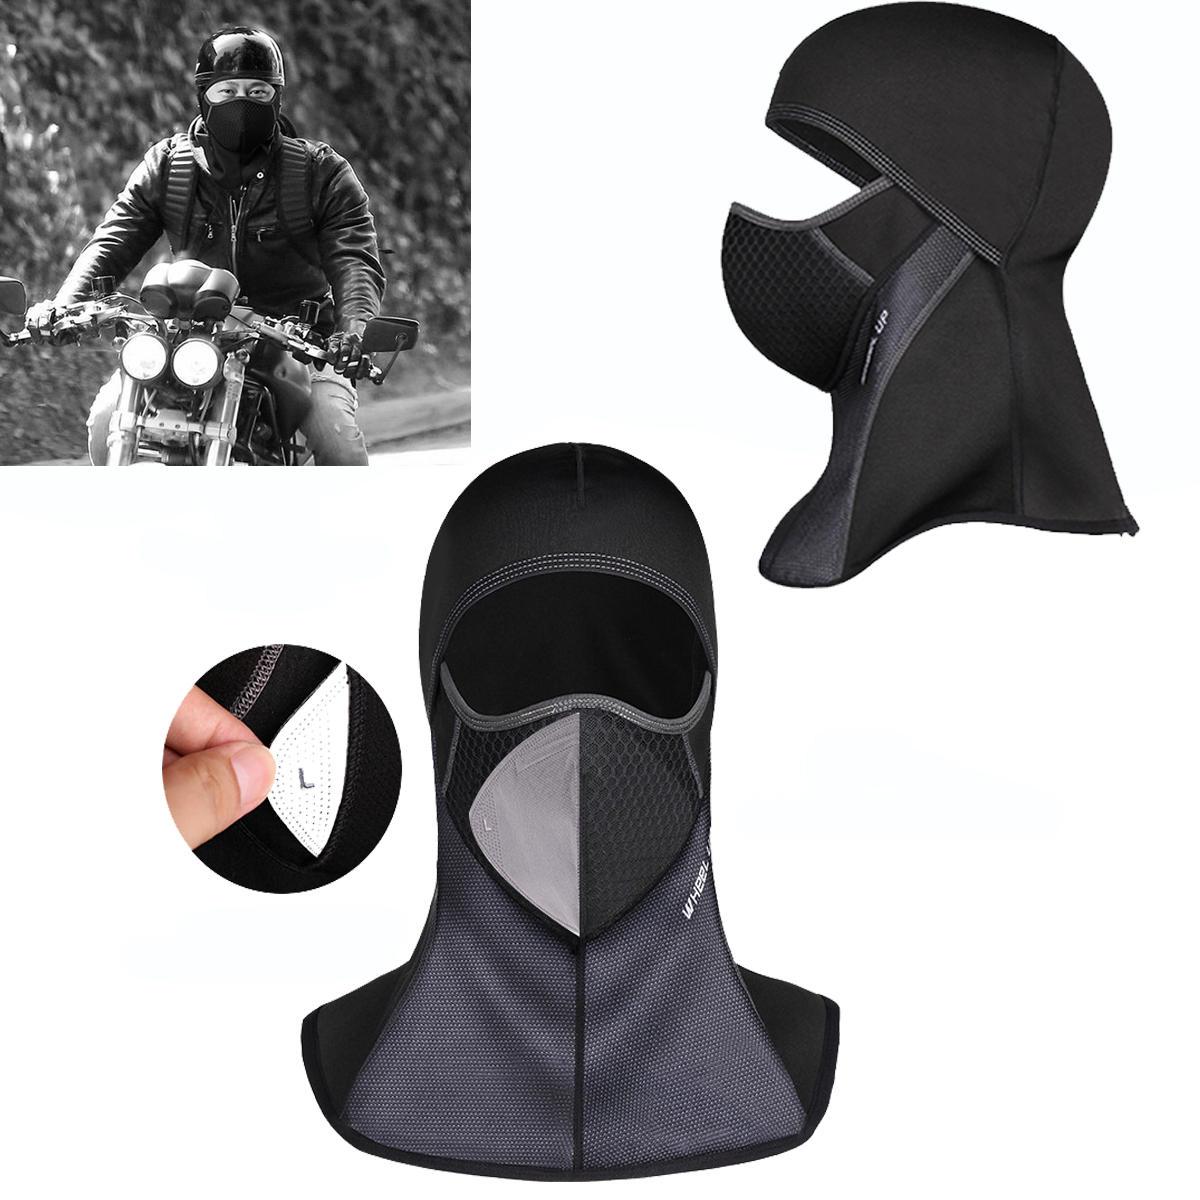 WheelupWinterWarmSkiMotorcycly Cycling Face Mascara Casco Cap Paraviento Polar Balaclava Sombrero